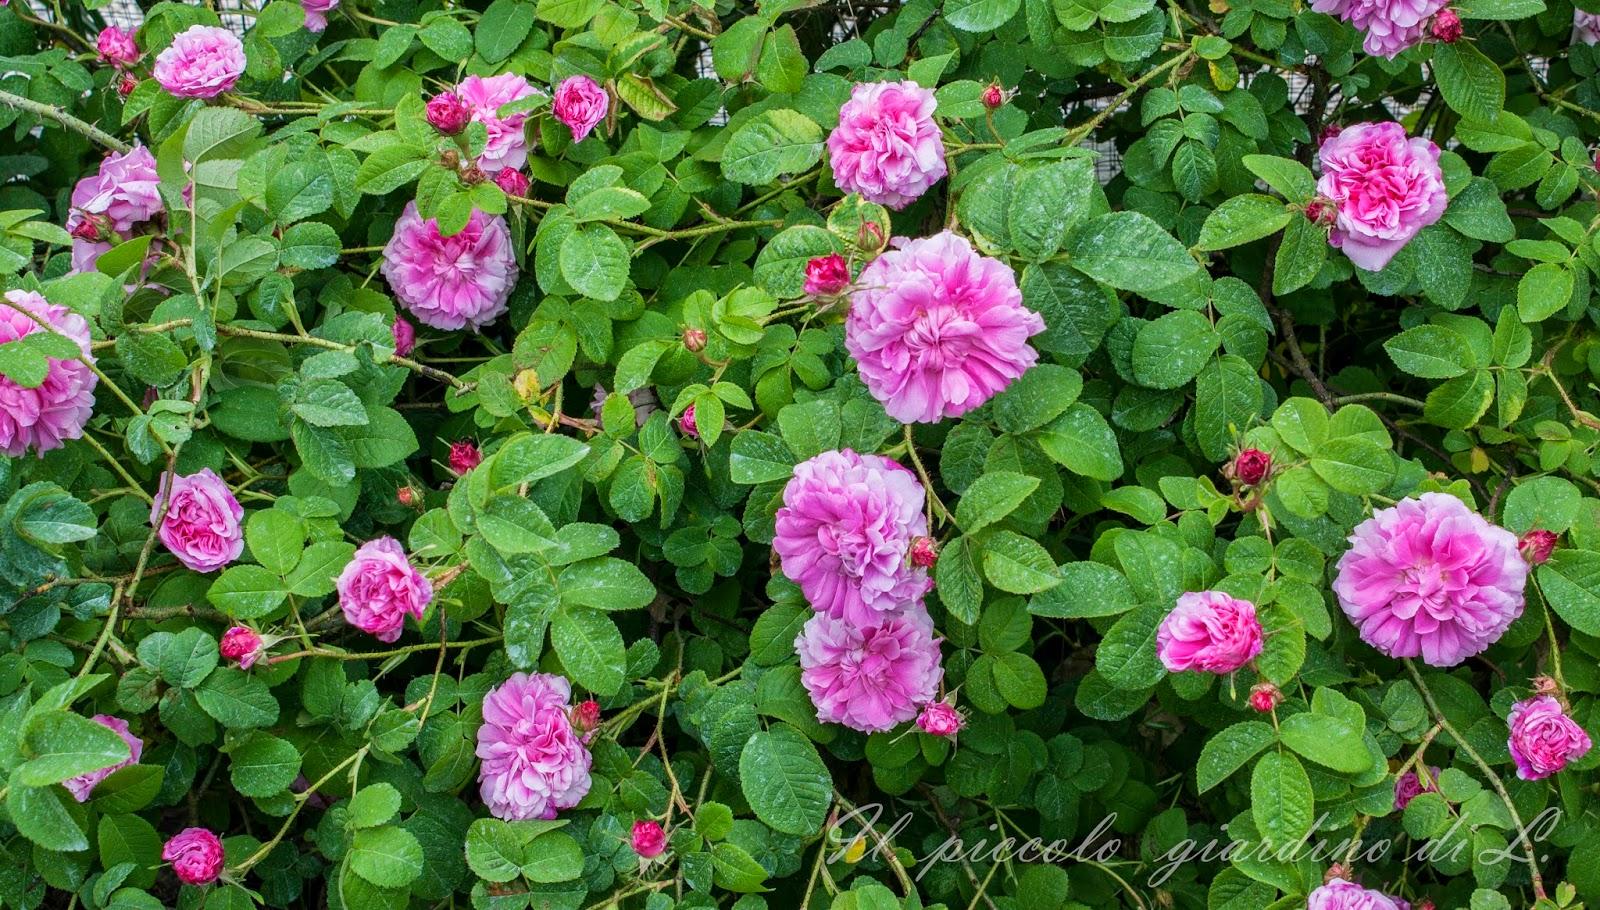 Il piccolo giardino di l potatura e coltivazione delle rose le dritte sulle rose di un - Rose coltivazione in giardino ...